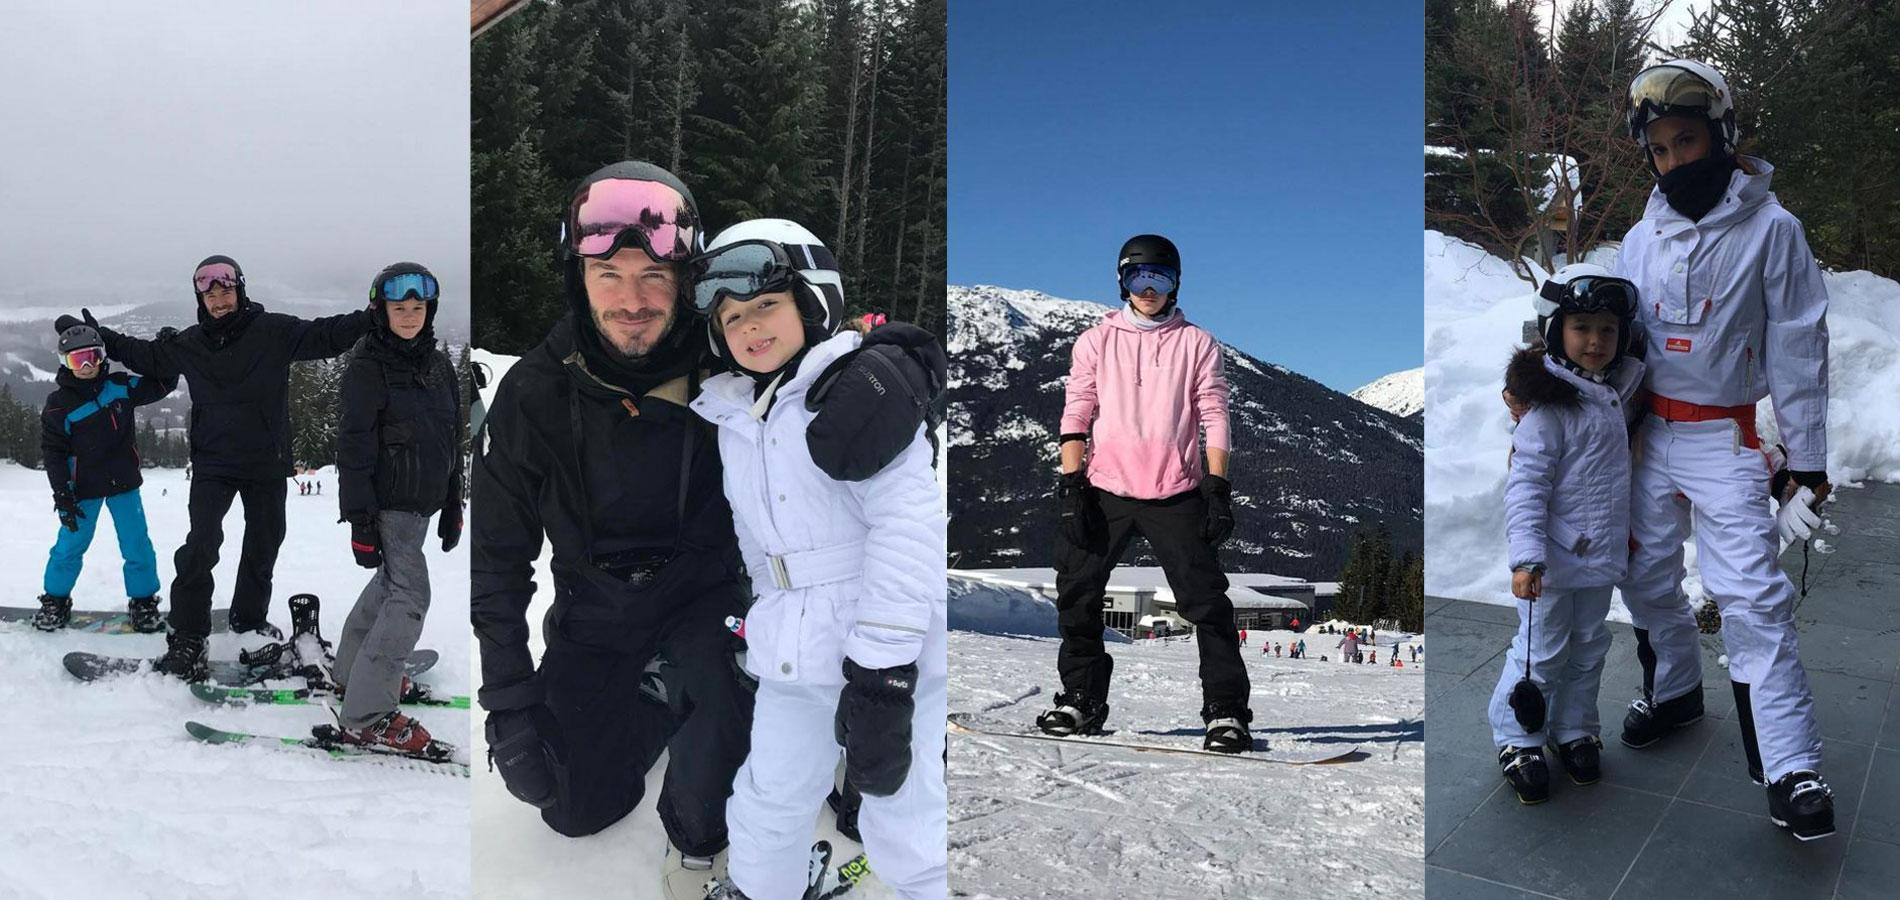 Les Beckham au ski   photos de famille et accident de snowboard ... aae5ff96b72